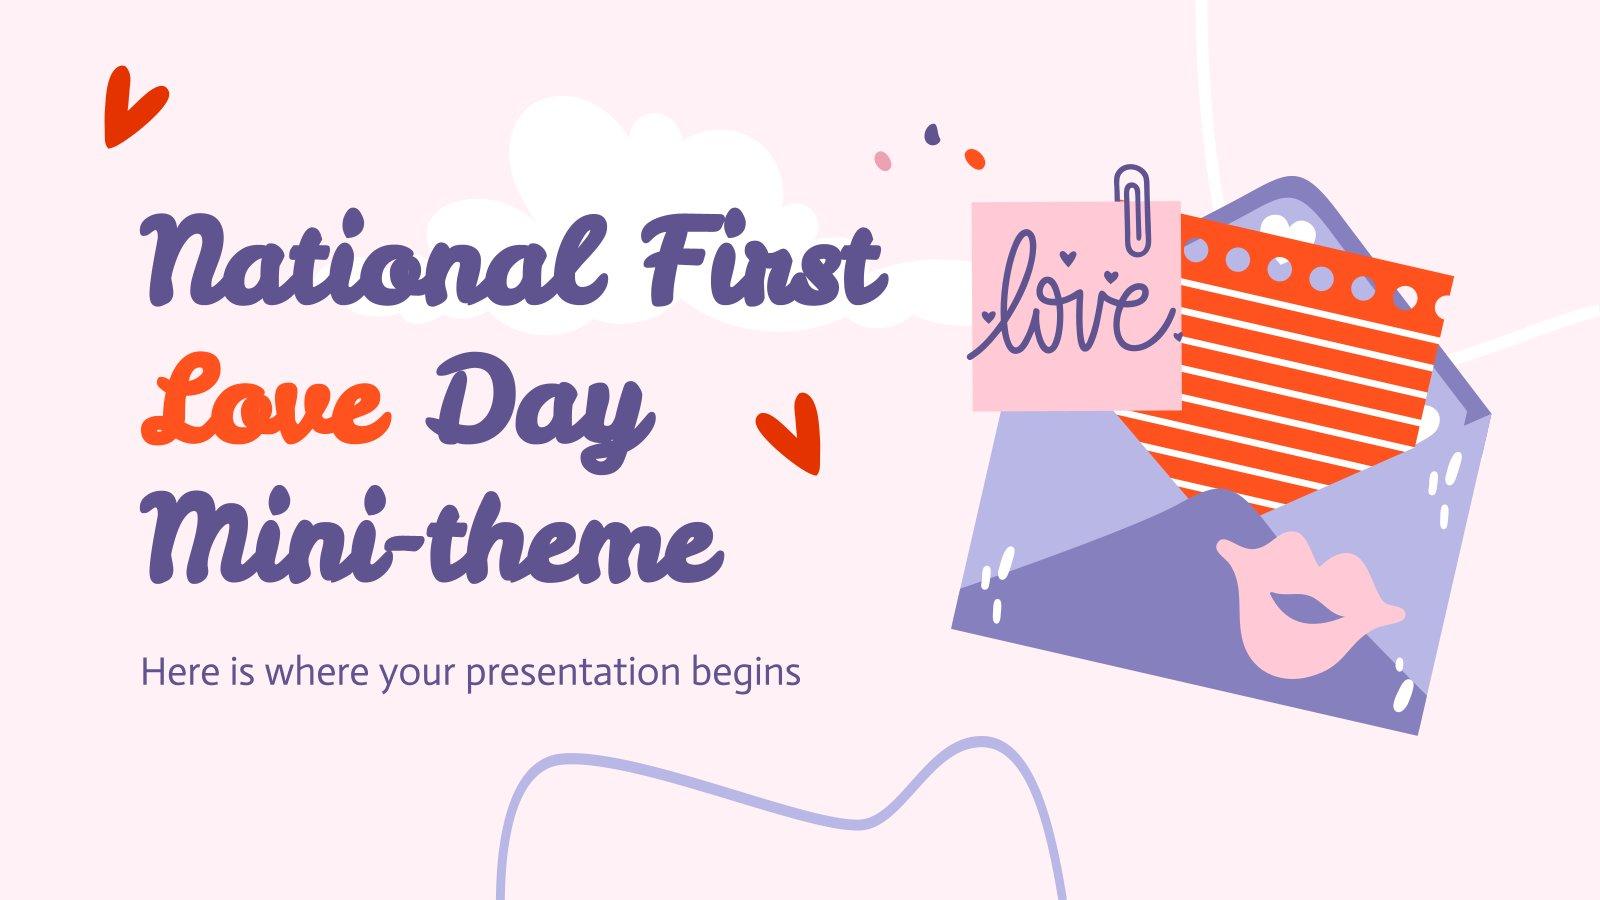 Modelo de apresentação Minitema do Dia Nacional do Primeiro Amor